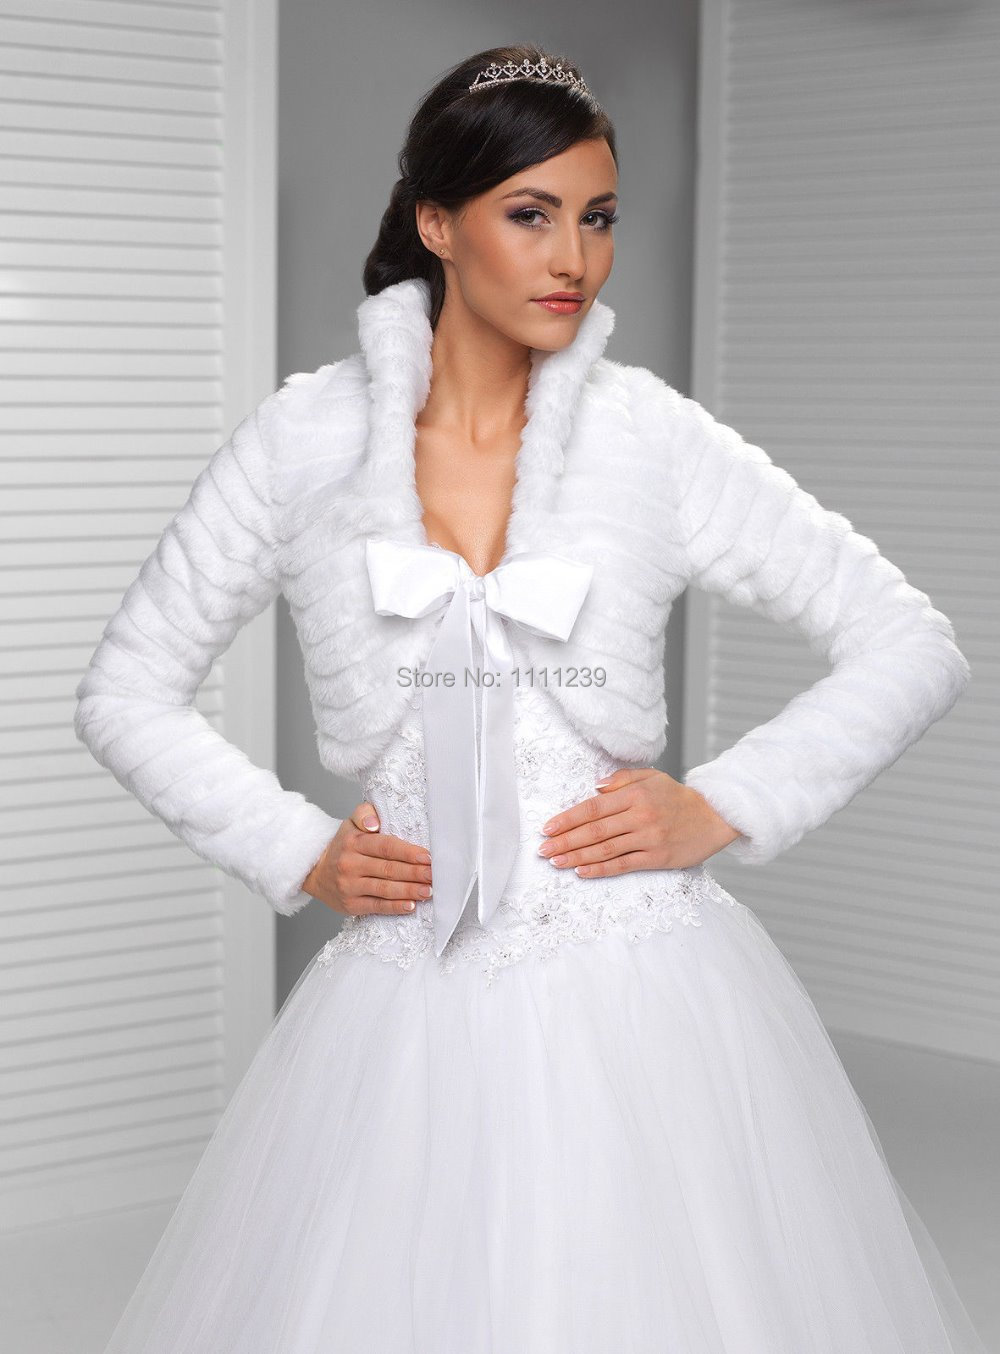 vison de mariage ivoire blanc en fausse fourrure bolro de marie bolero veste manteau ds0613 - Bolero Mariage Blanc